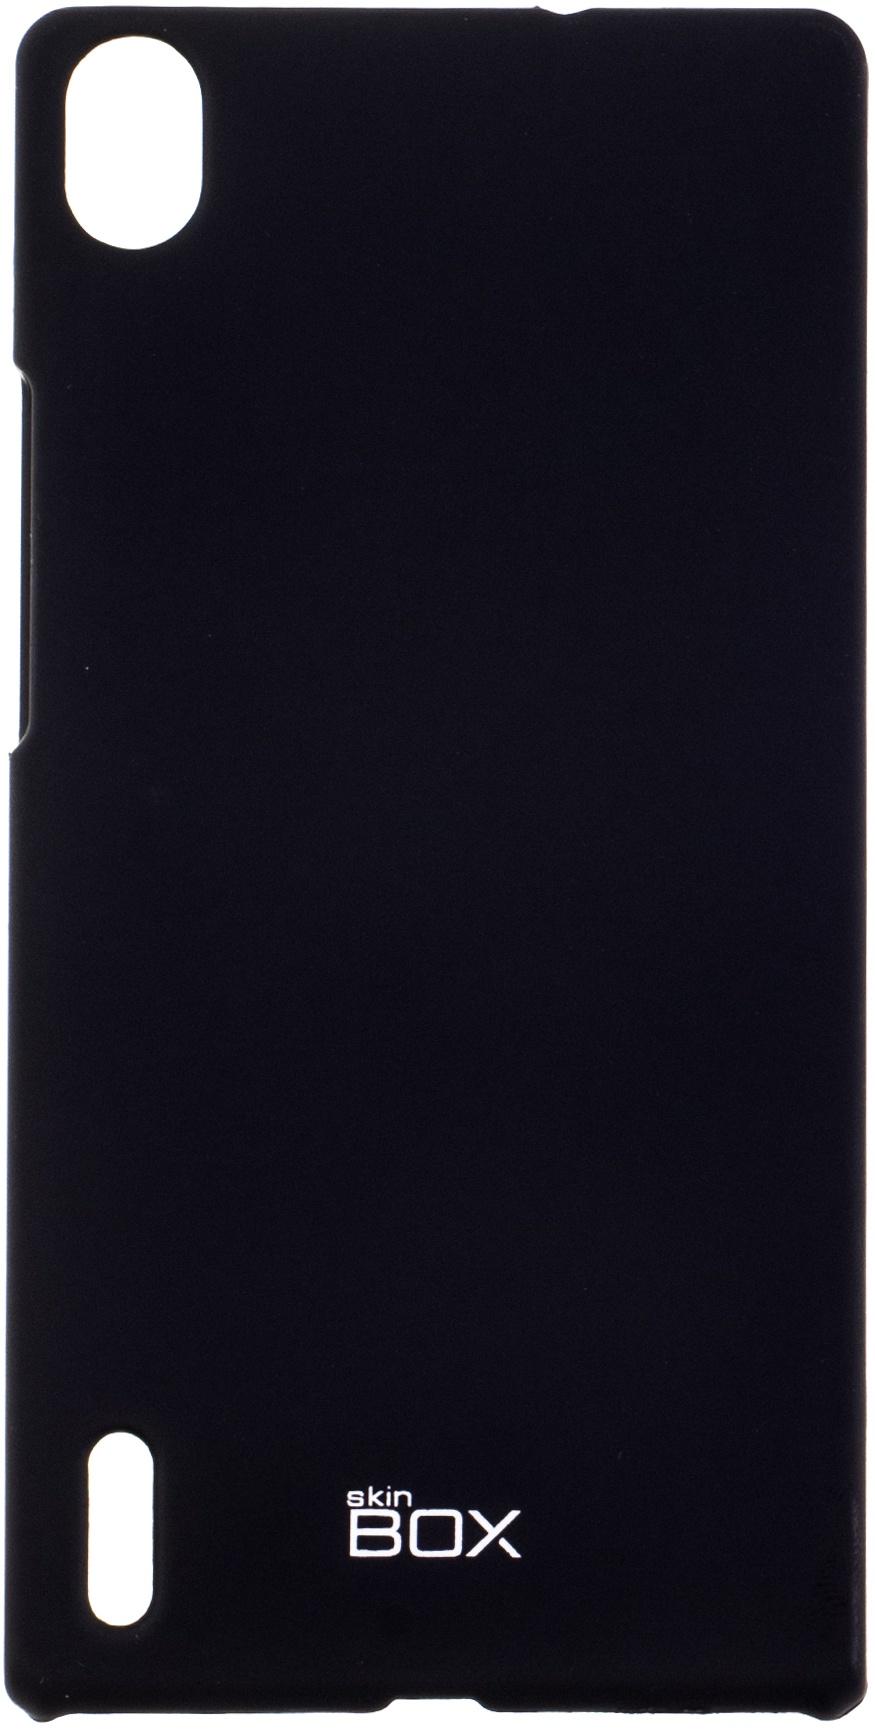 цена на Чехол для сотового телефона skinBOX 4People, 4630042526457, черный